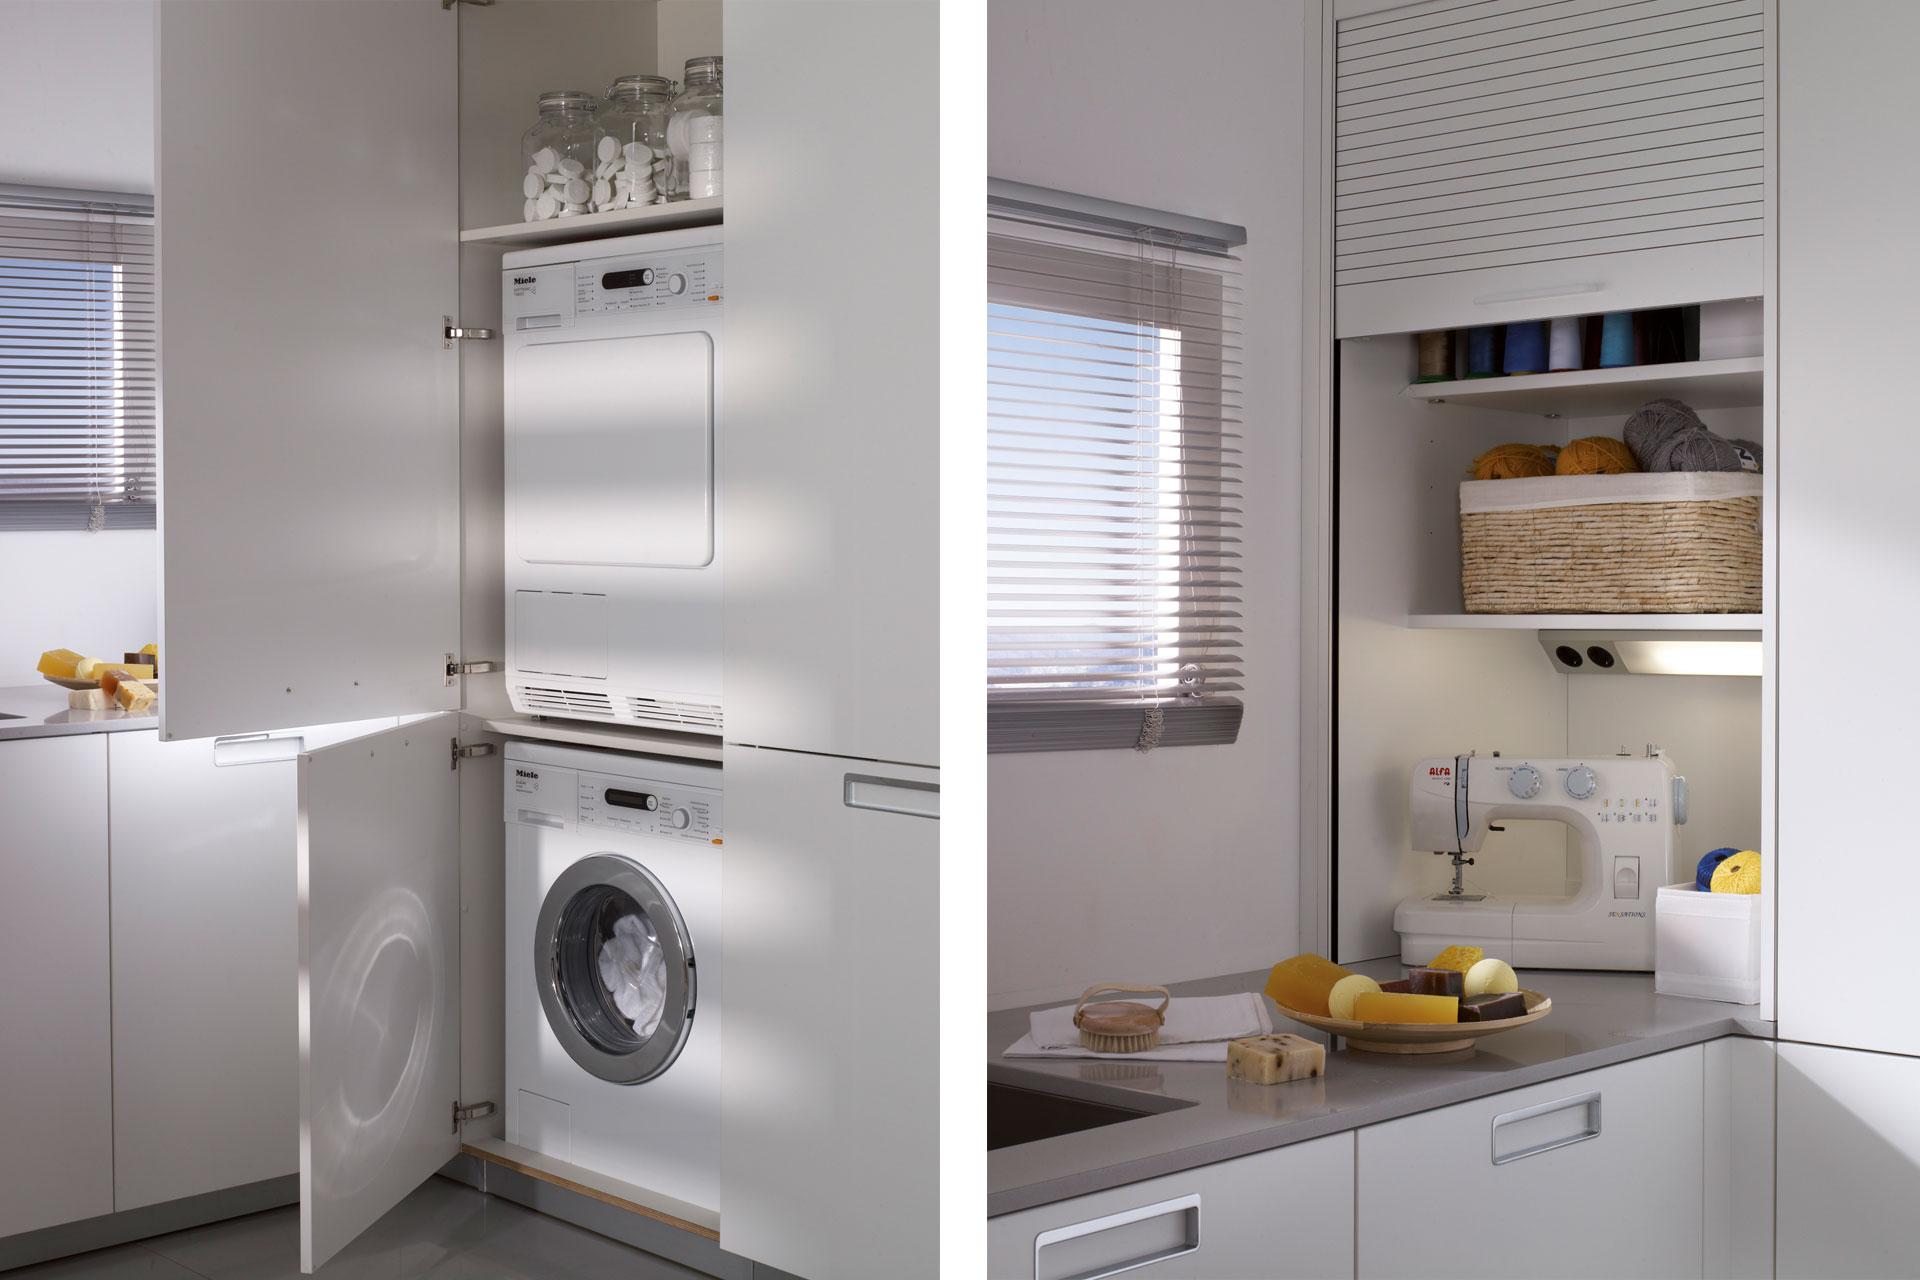 Electrodomésticos integrados: espacios limpios y armónicos | Columna lavandería | Cocinas Santos | Santiago Interiores